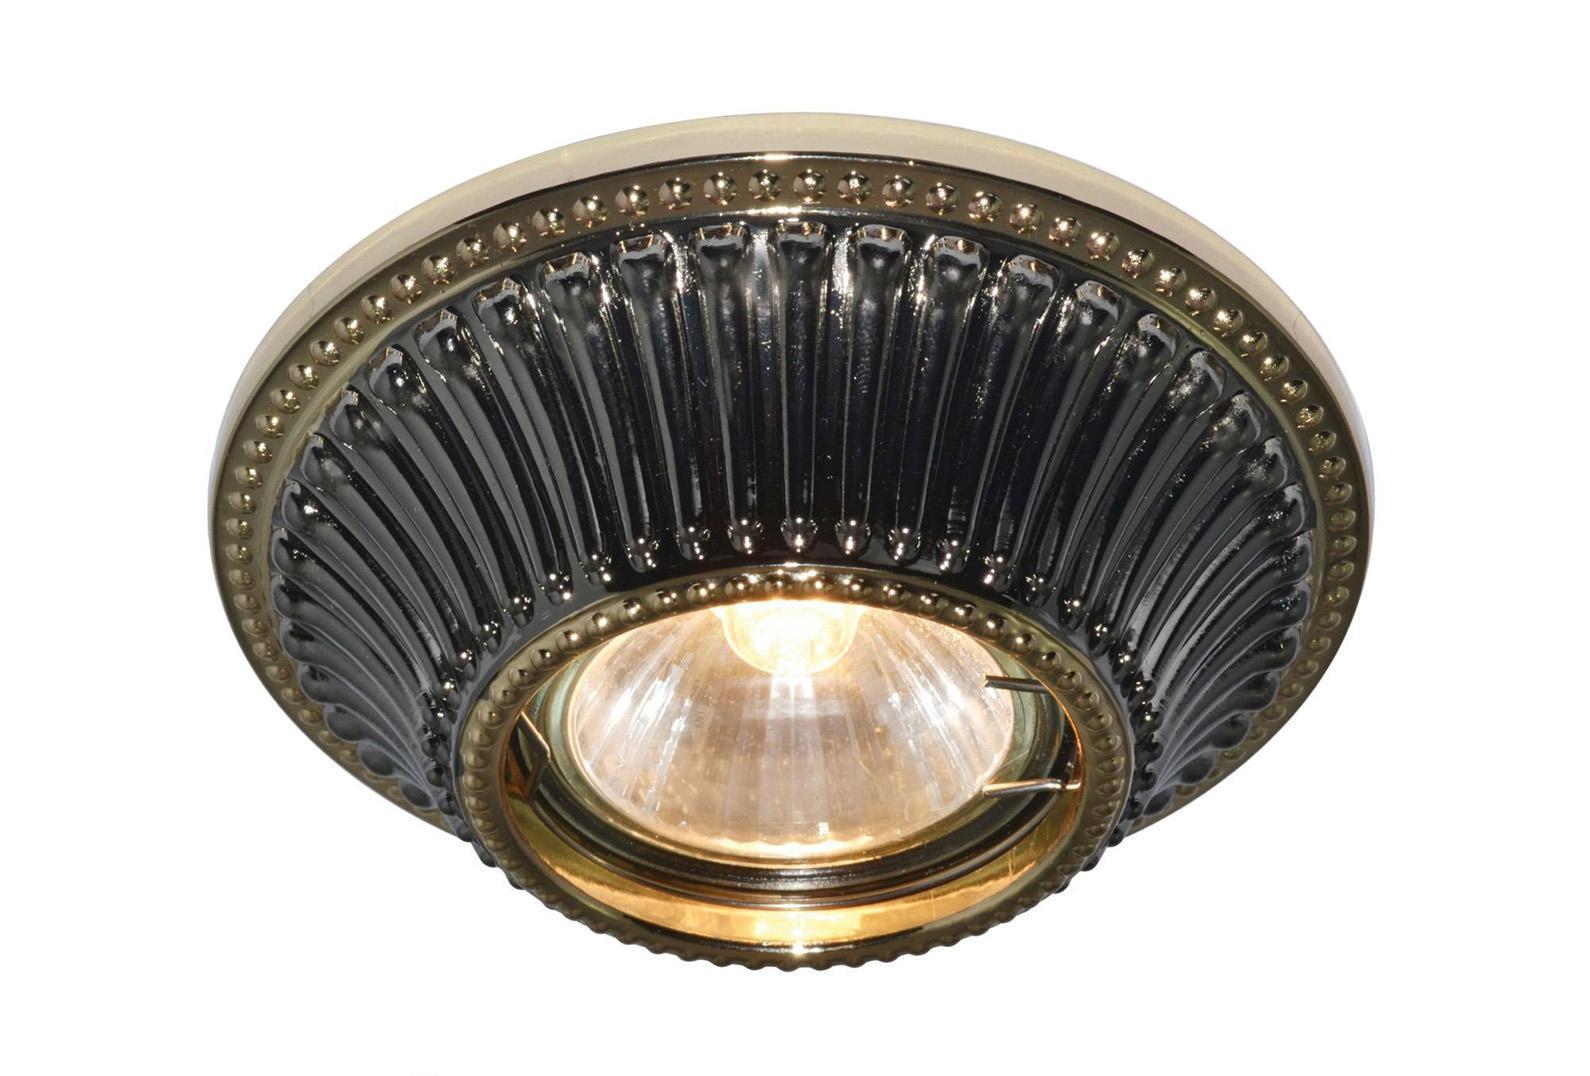 A5298PL-1BA ARENA Встраиваемый светильникA5298PL-1BA1x50W; патроны GU10 и G5,3 в комплекте Материал: Арматура: Металл, литьеРазмер: 110x110x45Цвет: Античный черный